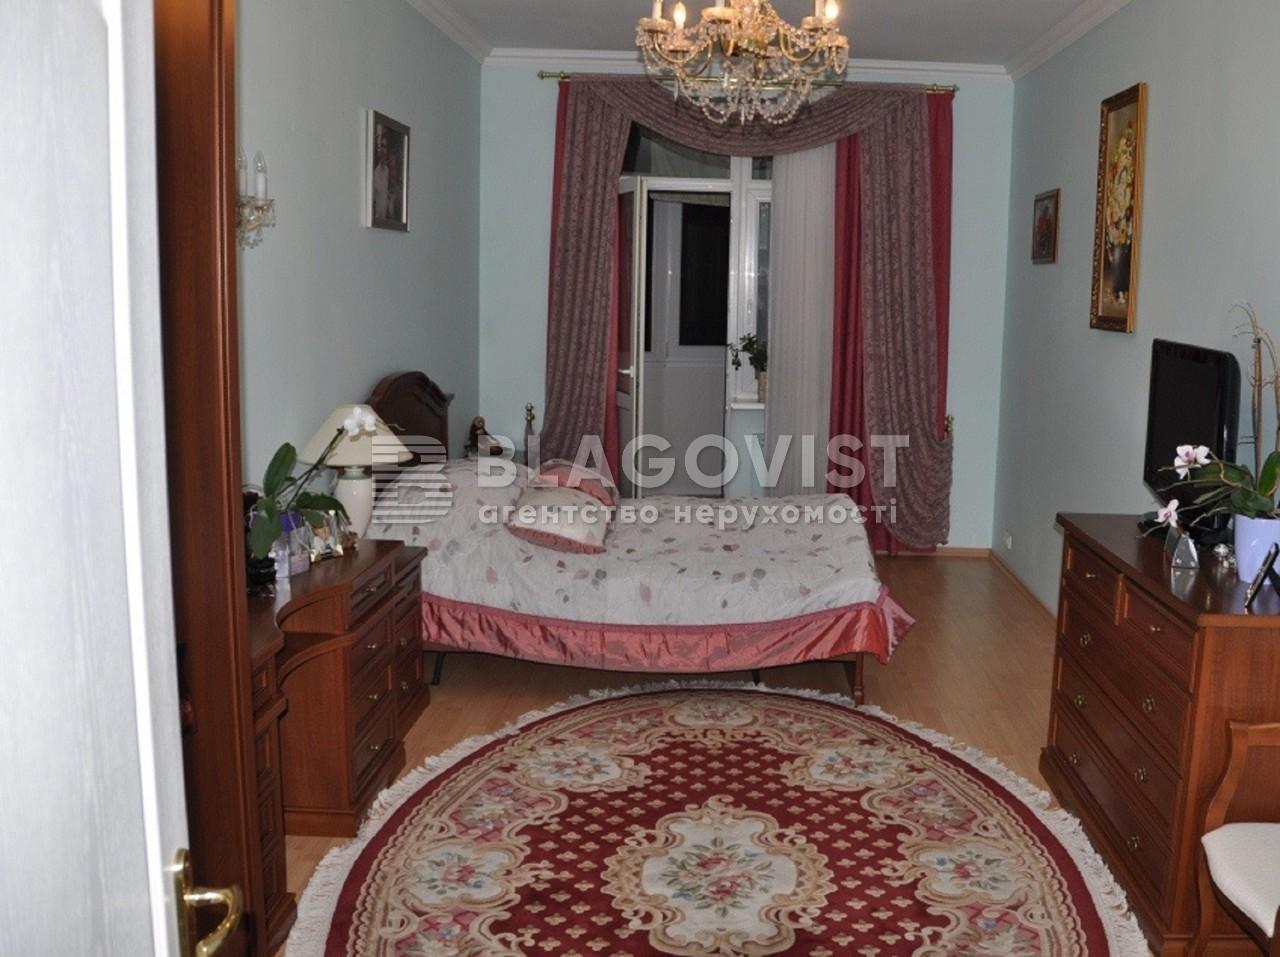 Квартира Z-370778, Антоновича (Горького), 140, Киев - Фото 11